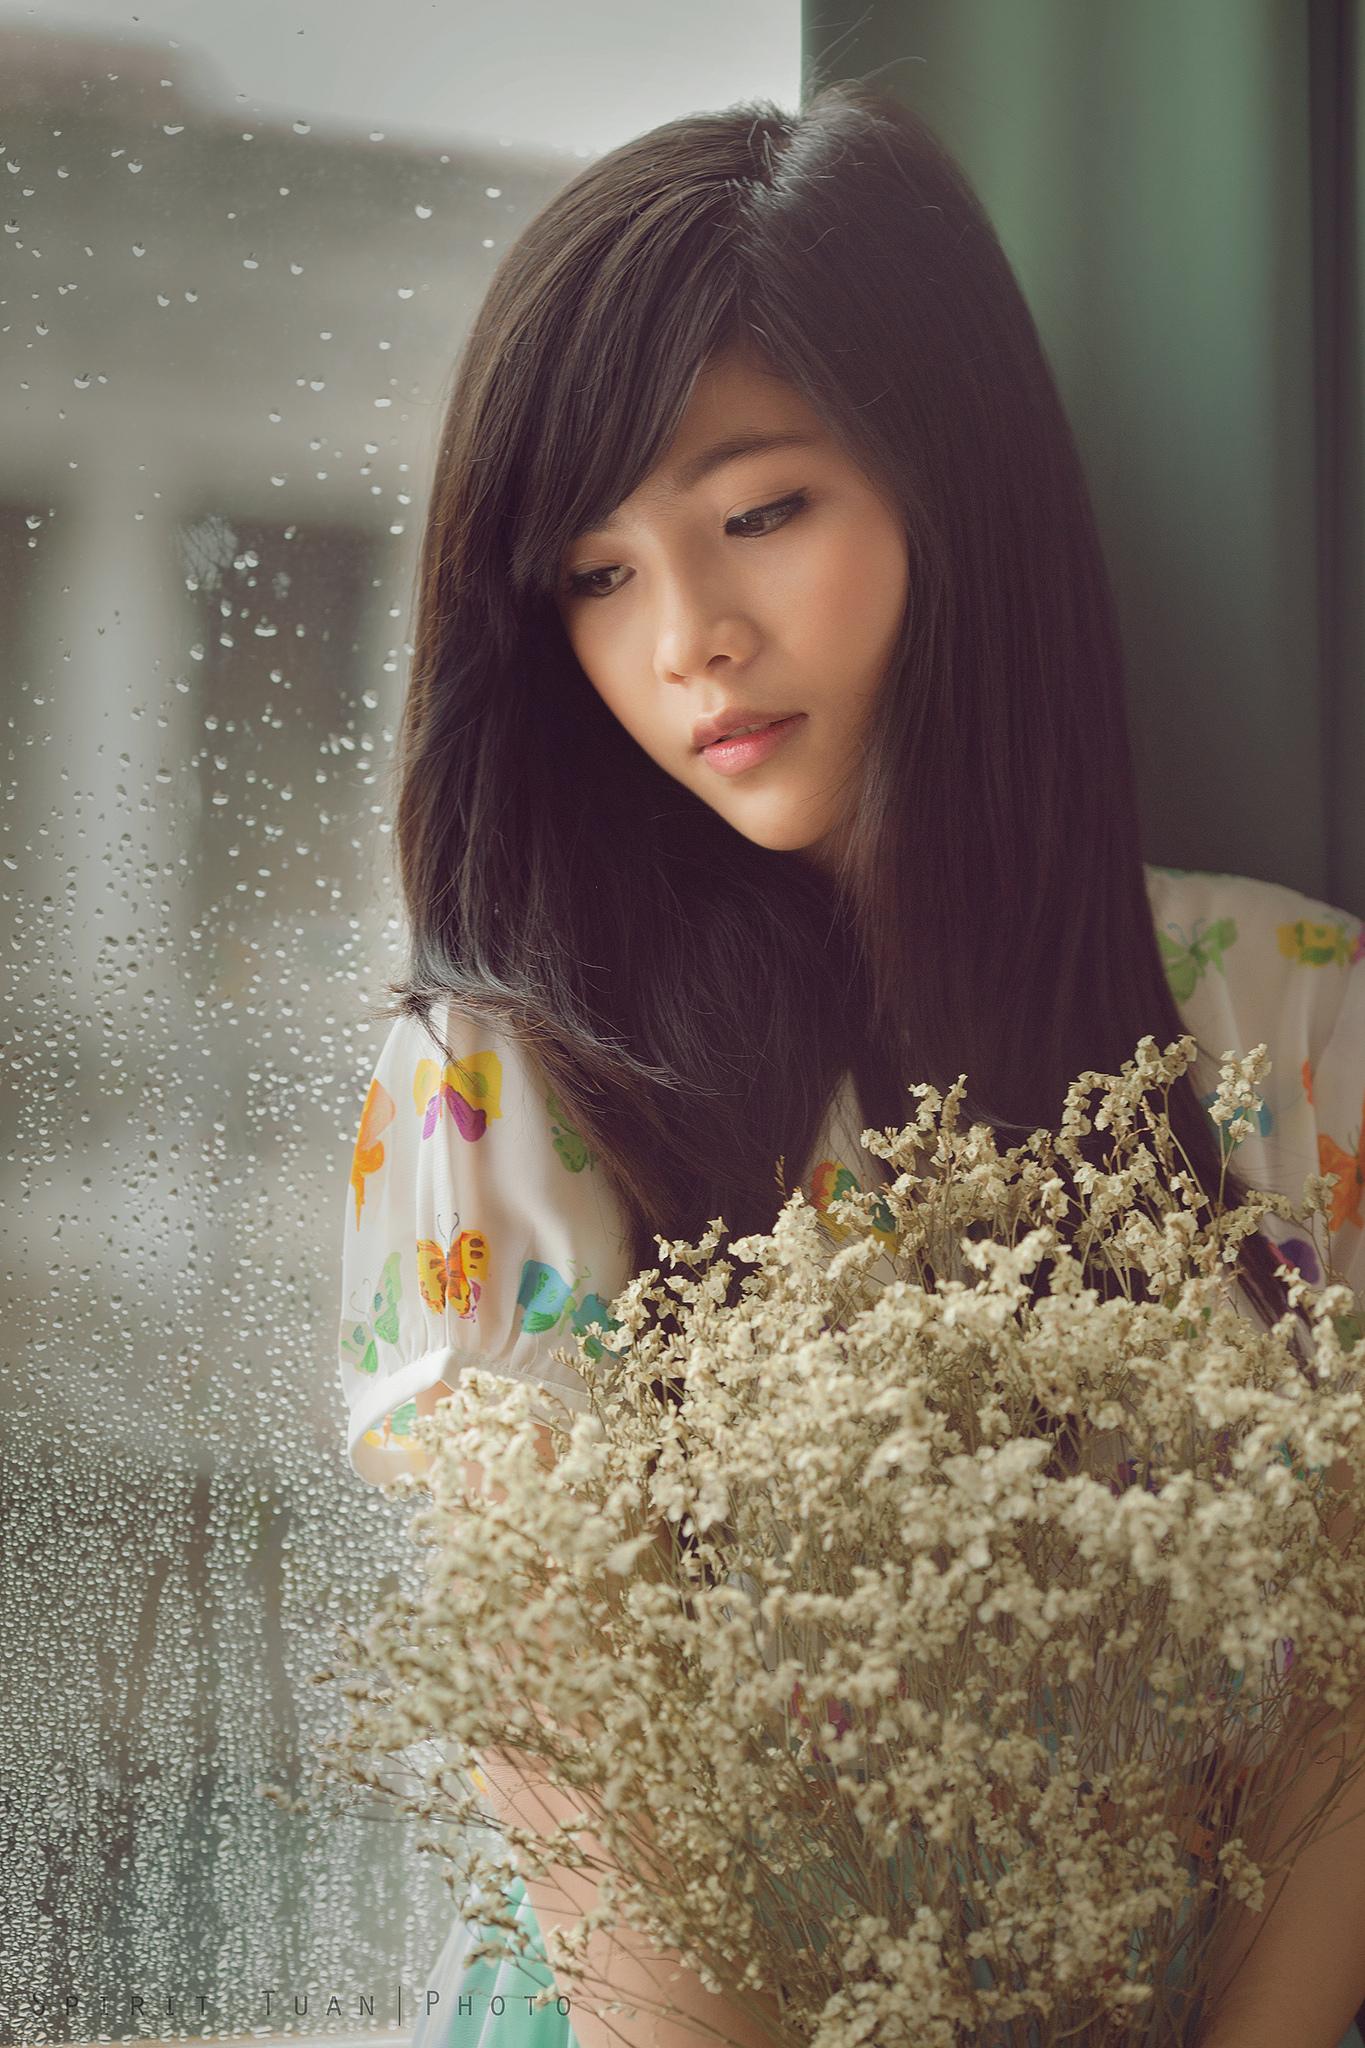 Hintergrundbilder : Frau, asiatisch, Brünette, Porträt